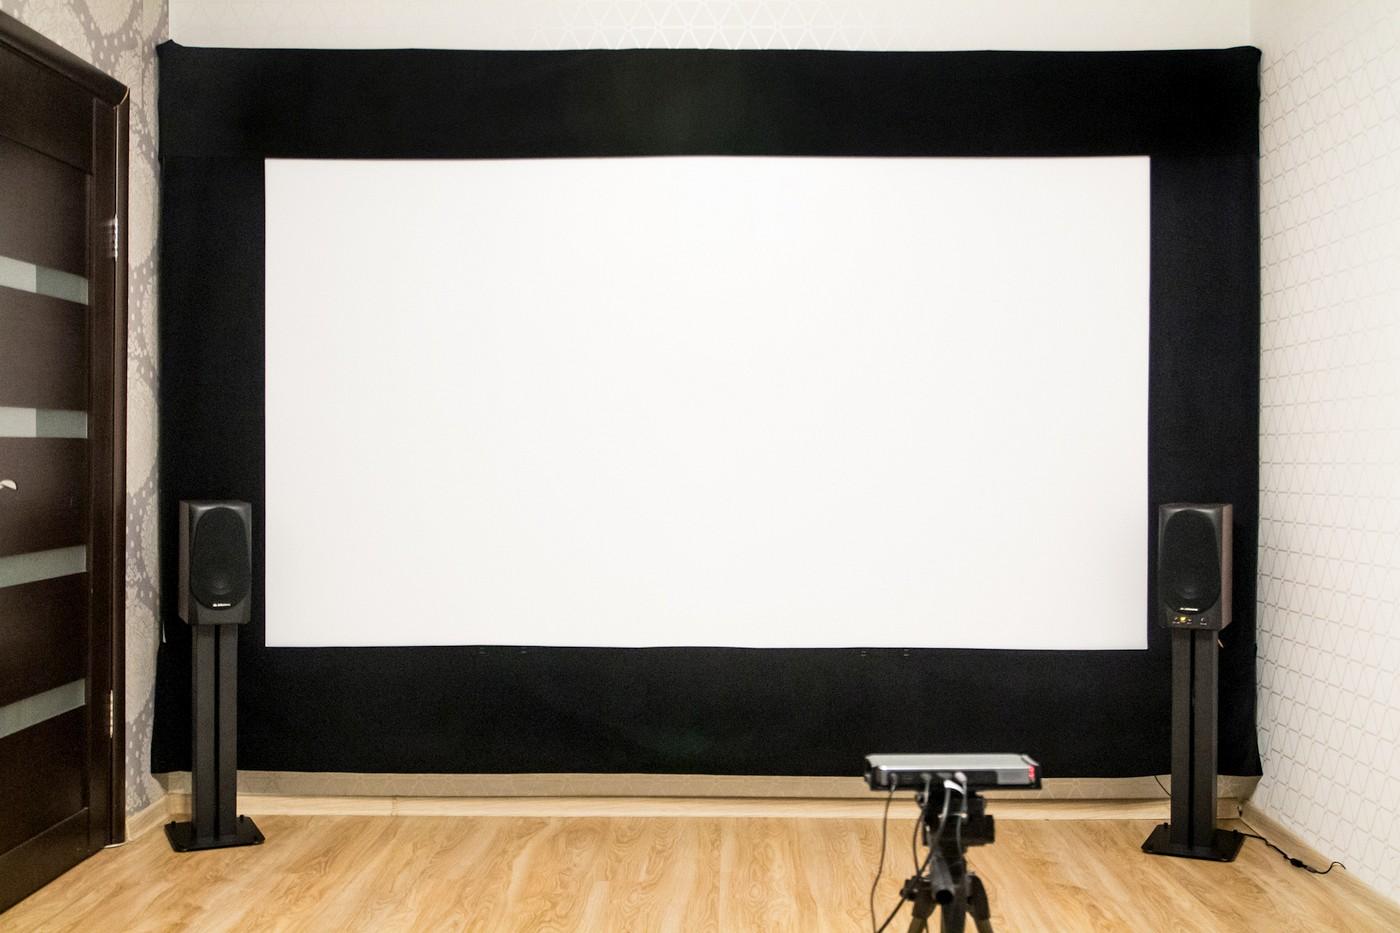 Сказ о том, как я собирал 120-дюймовый домашний кинотеатр из труб, веревок, складного экрана и черного бархата - 35